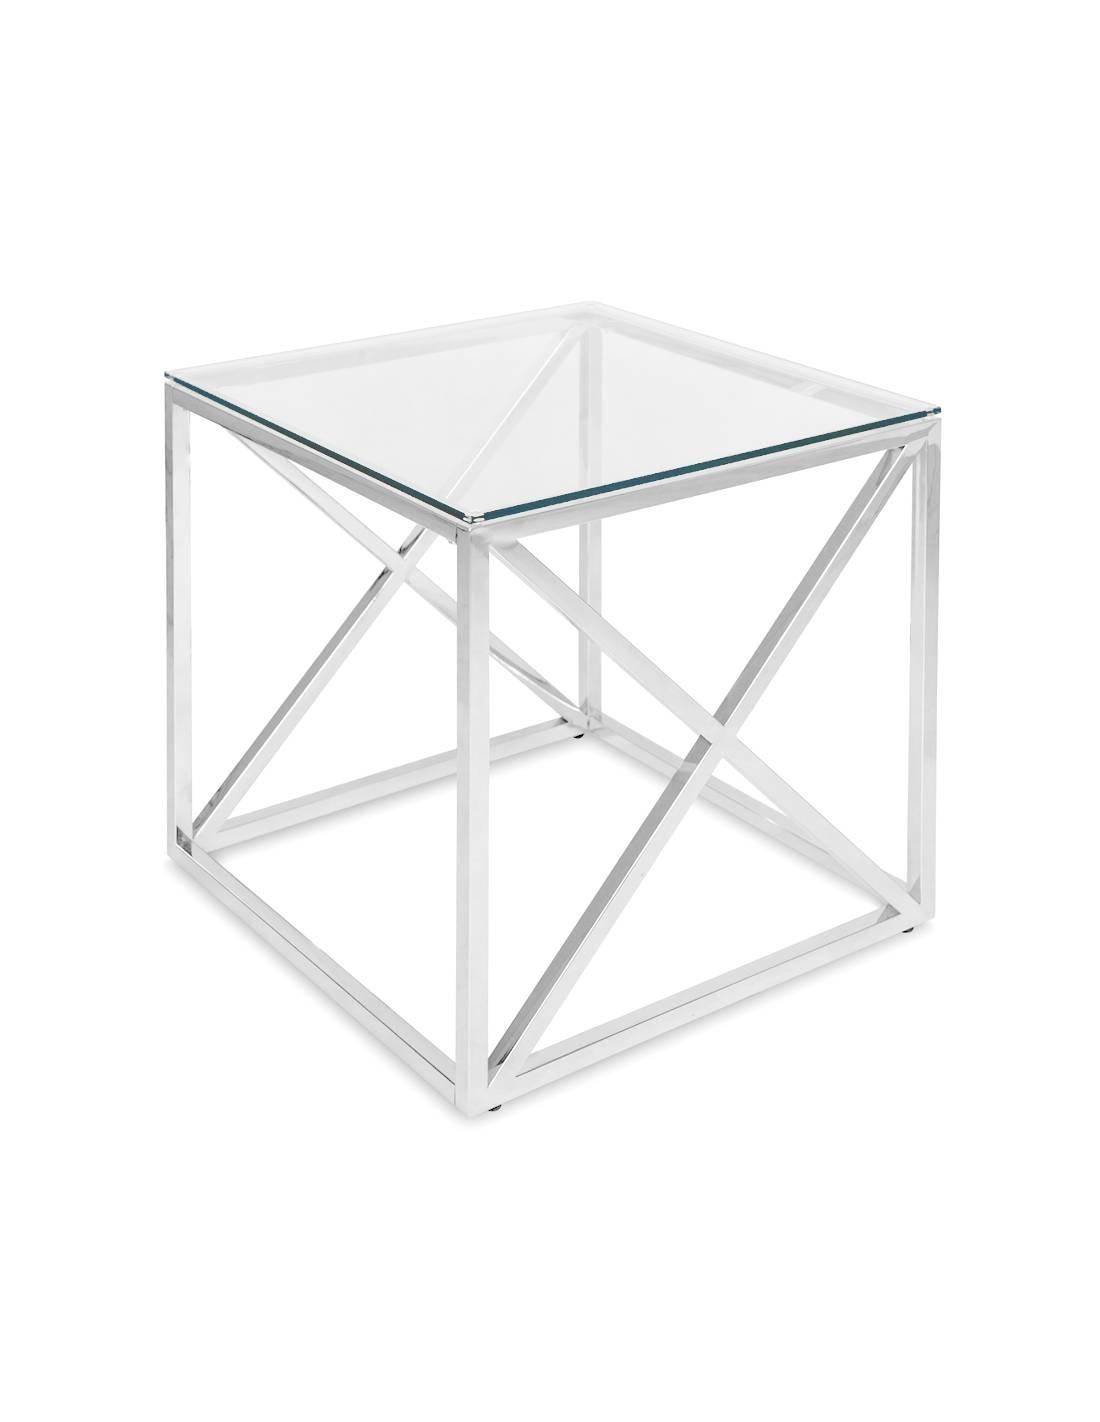 Srebrny metalowy stolik ze szklanym blatem